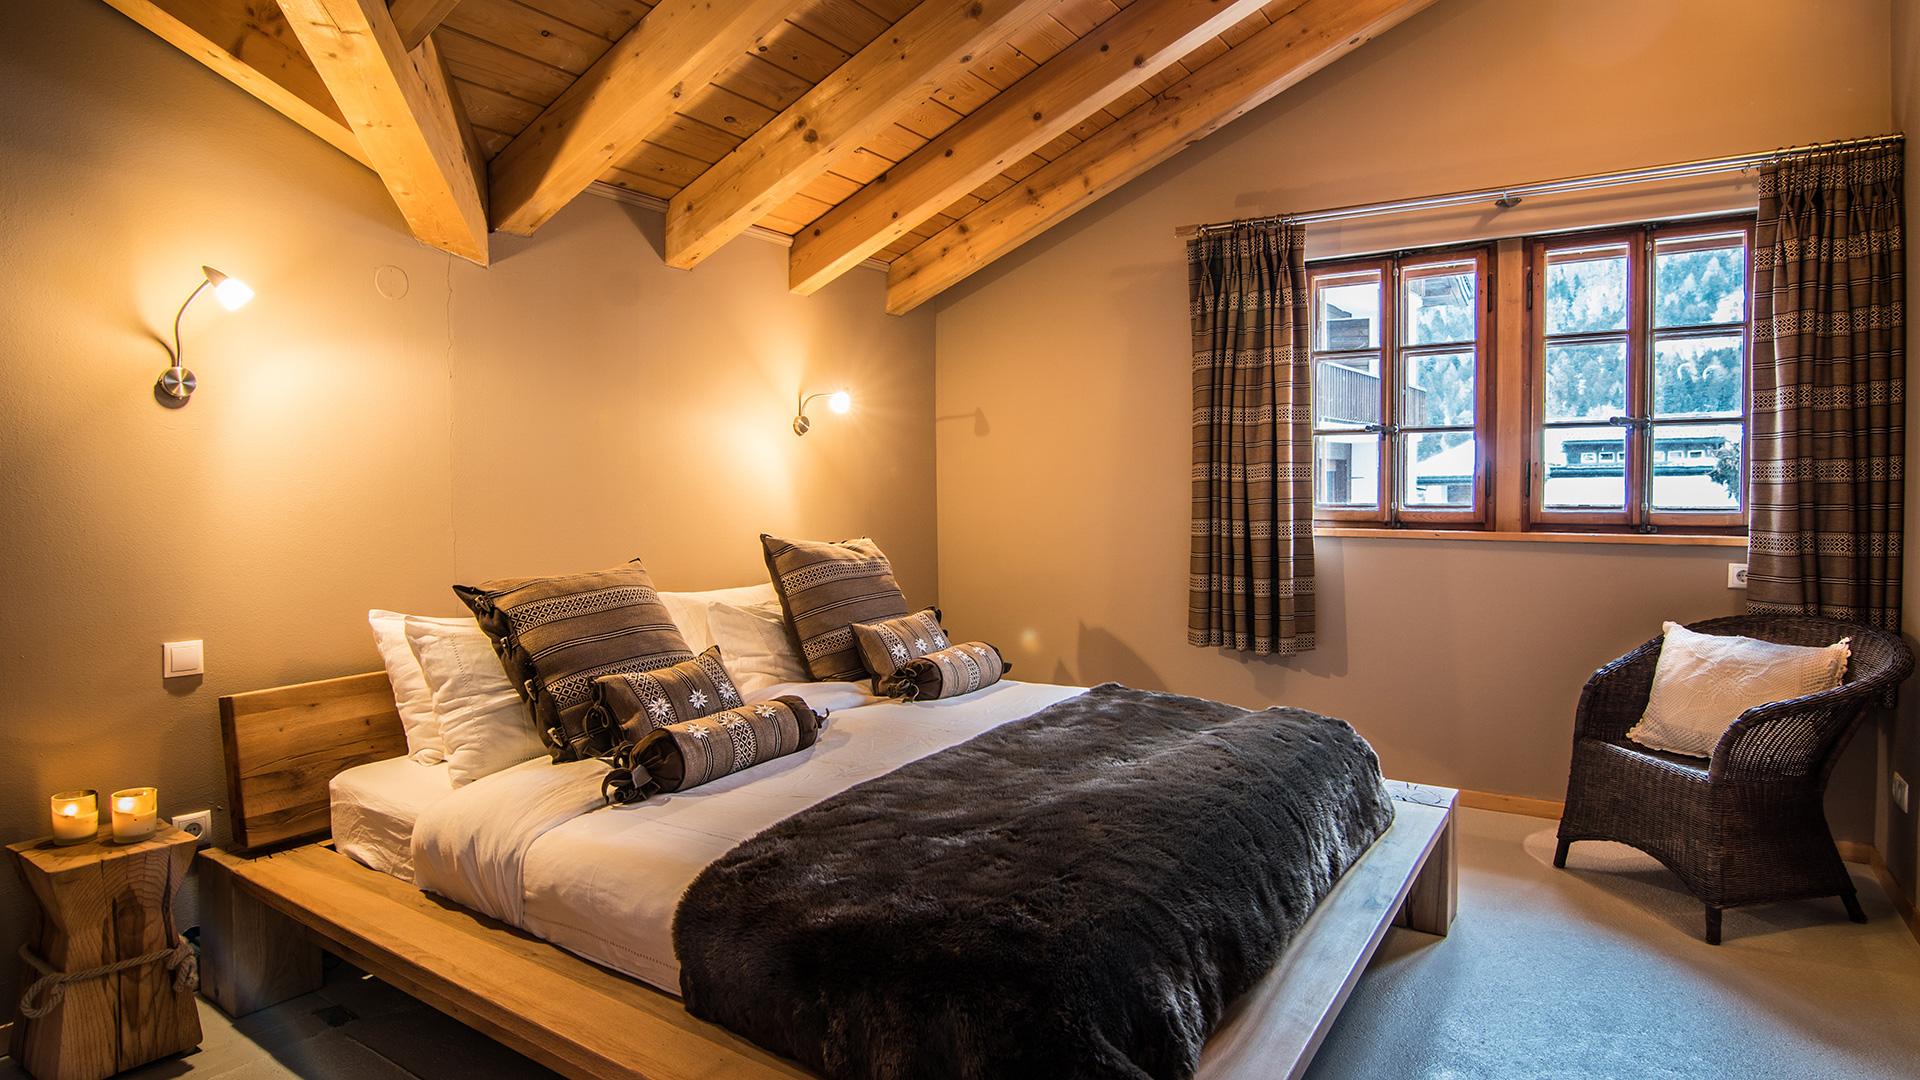 Casa Sibylle Chalet, Switzerland